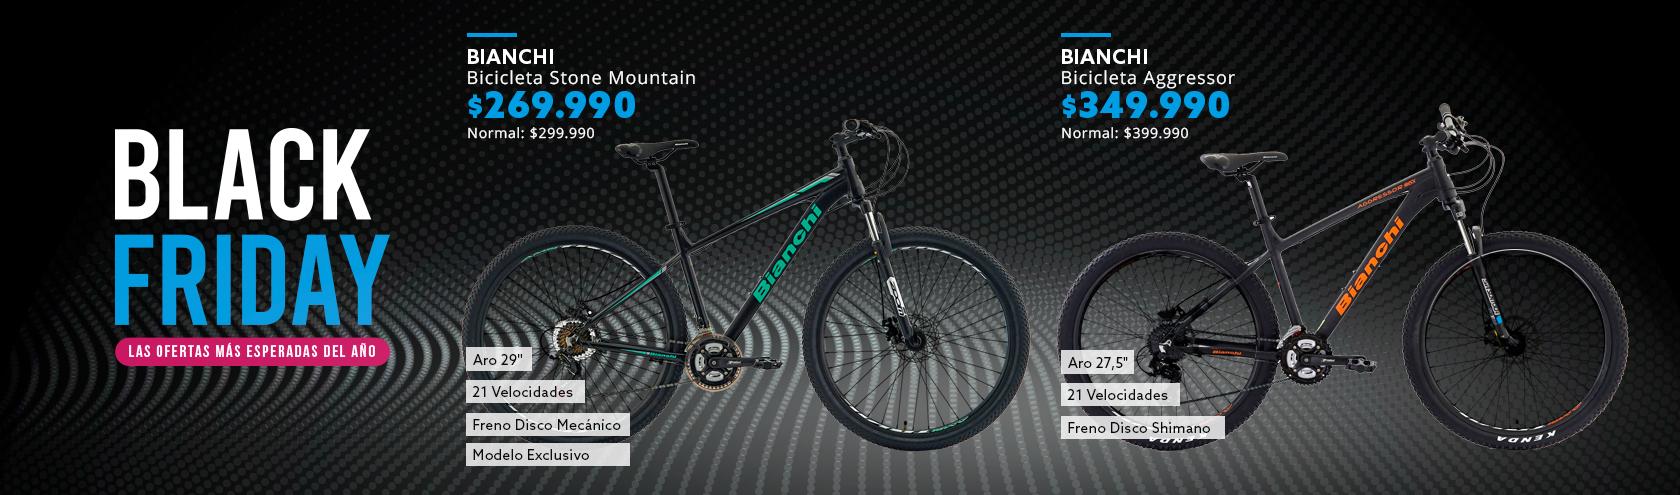 Black Friday los mejores descuentos en Bicicletas